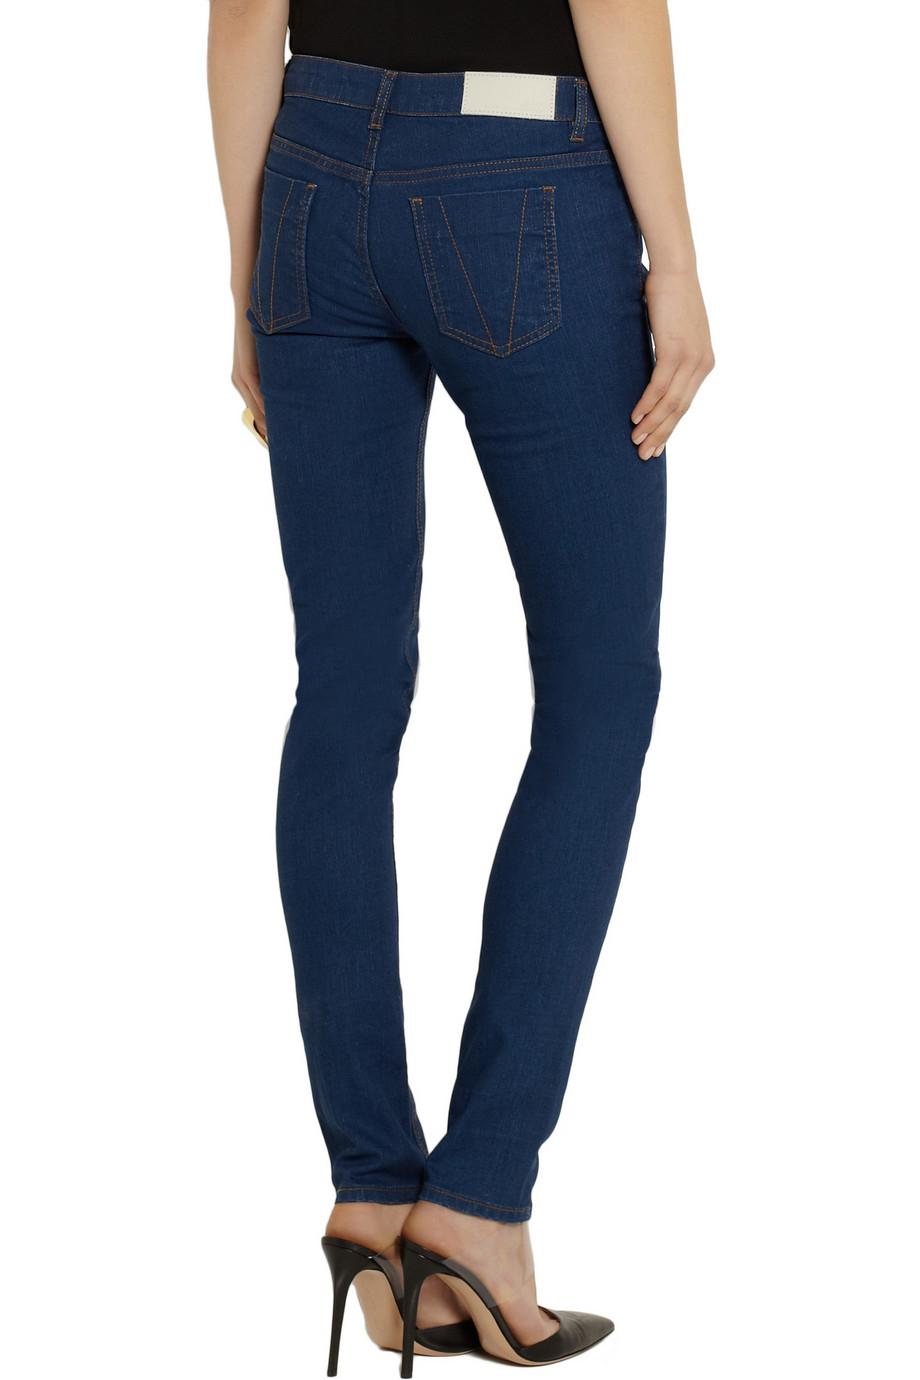 victoria beckham vb1 superskinny mid rise jeans in blue lyst. Black Bedroom Furniture Sets. Home Design Ideas